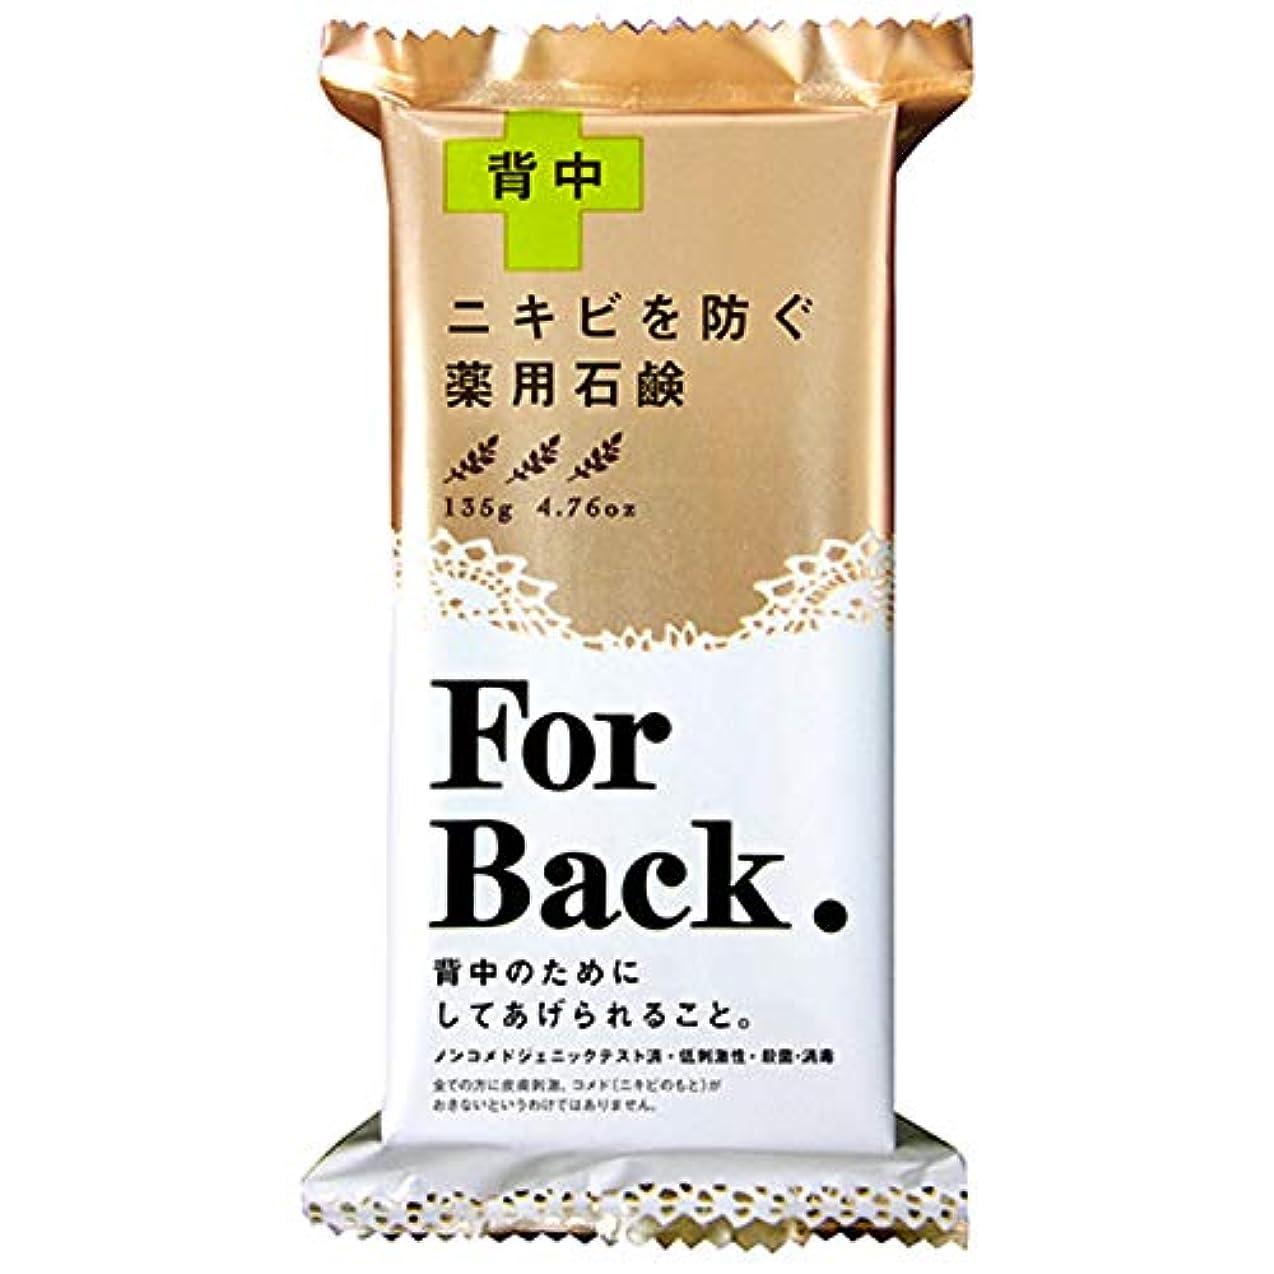 時間とともにマット疾患【セット品】薬用石鹸ForBack 135g (135g×5個)